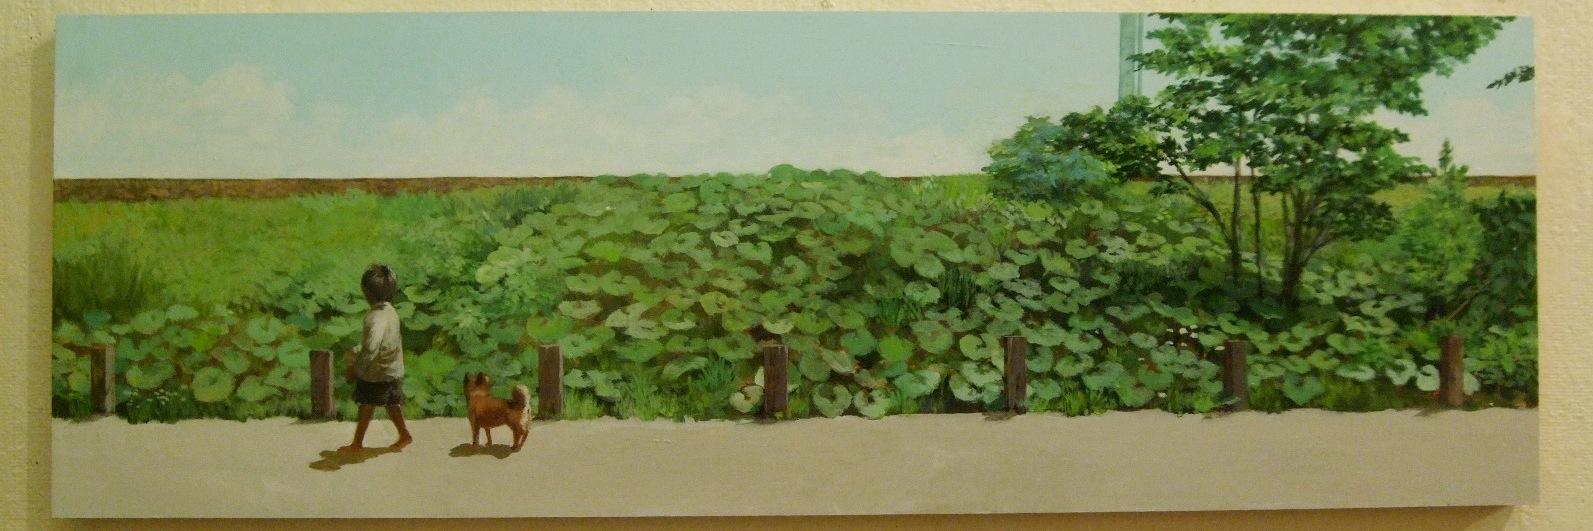 1250) たぴお 「高田稔・個展」 3月22日(月)~4月3日(土)  _f0126829_22185219.jpg